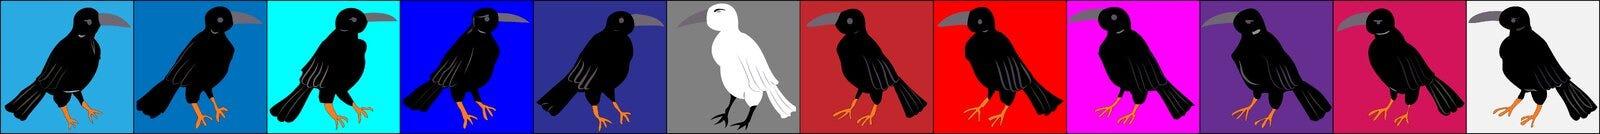 Cuervos y cuervos, ordenanza organizada en cuadrados coloreados fila Imagen de archivo